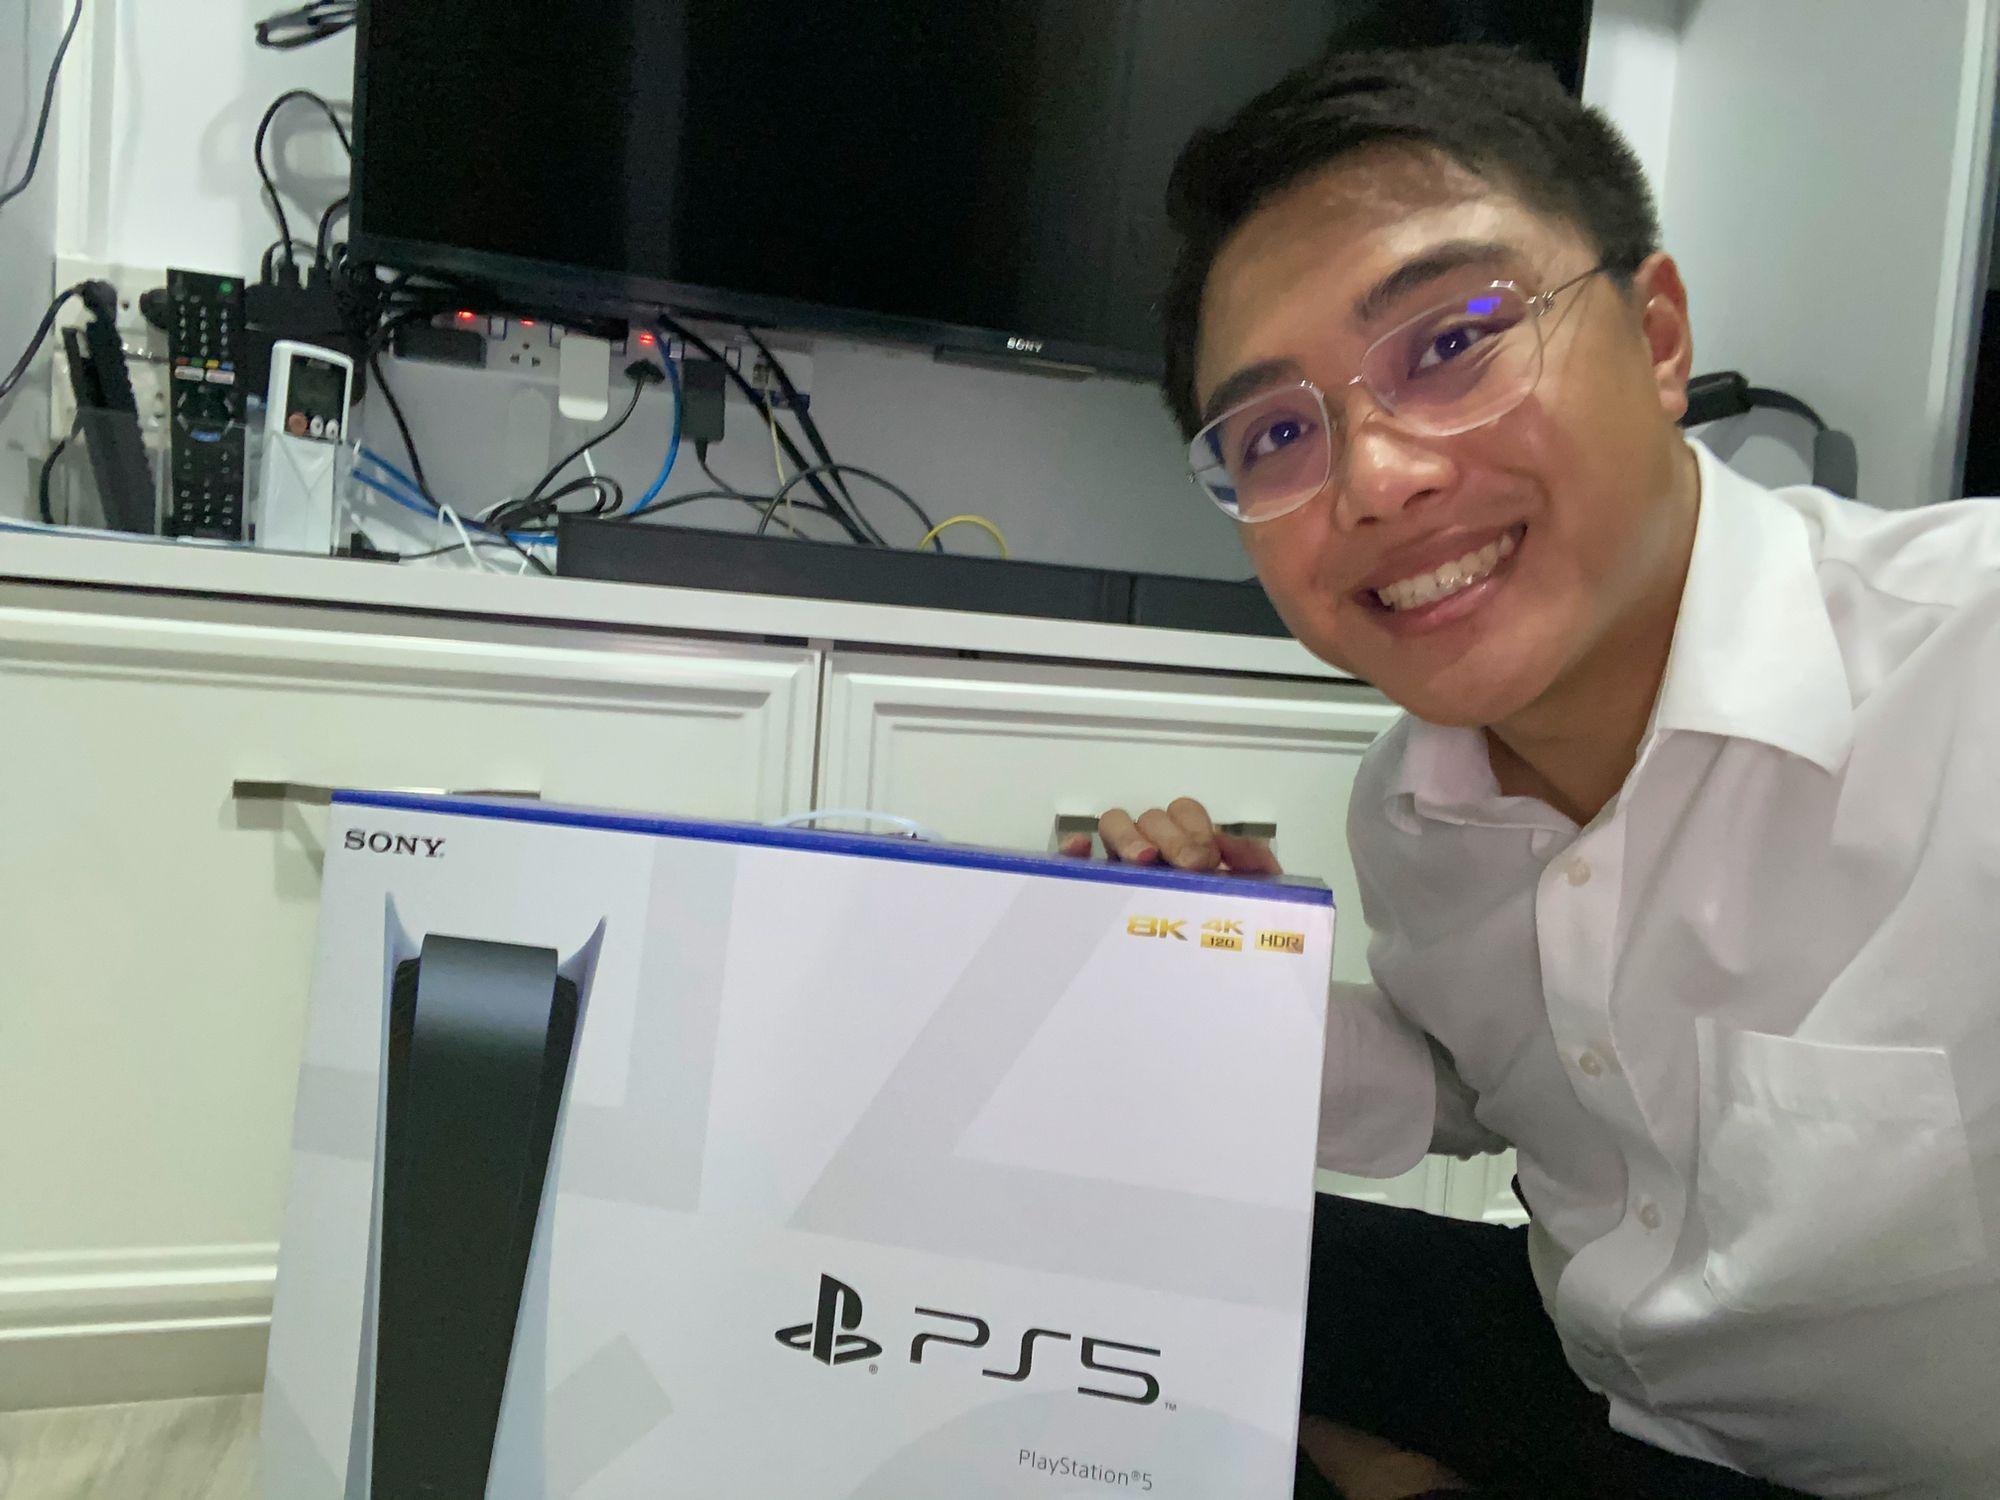 รีวิว PlayStation 5 เครื่องเล่นเกม Next-Gen ใหม่จาก Sony จับคู่ X90H ก้าวสู่ 4K 120 FPS